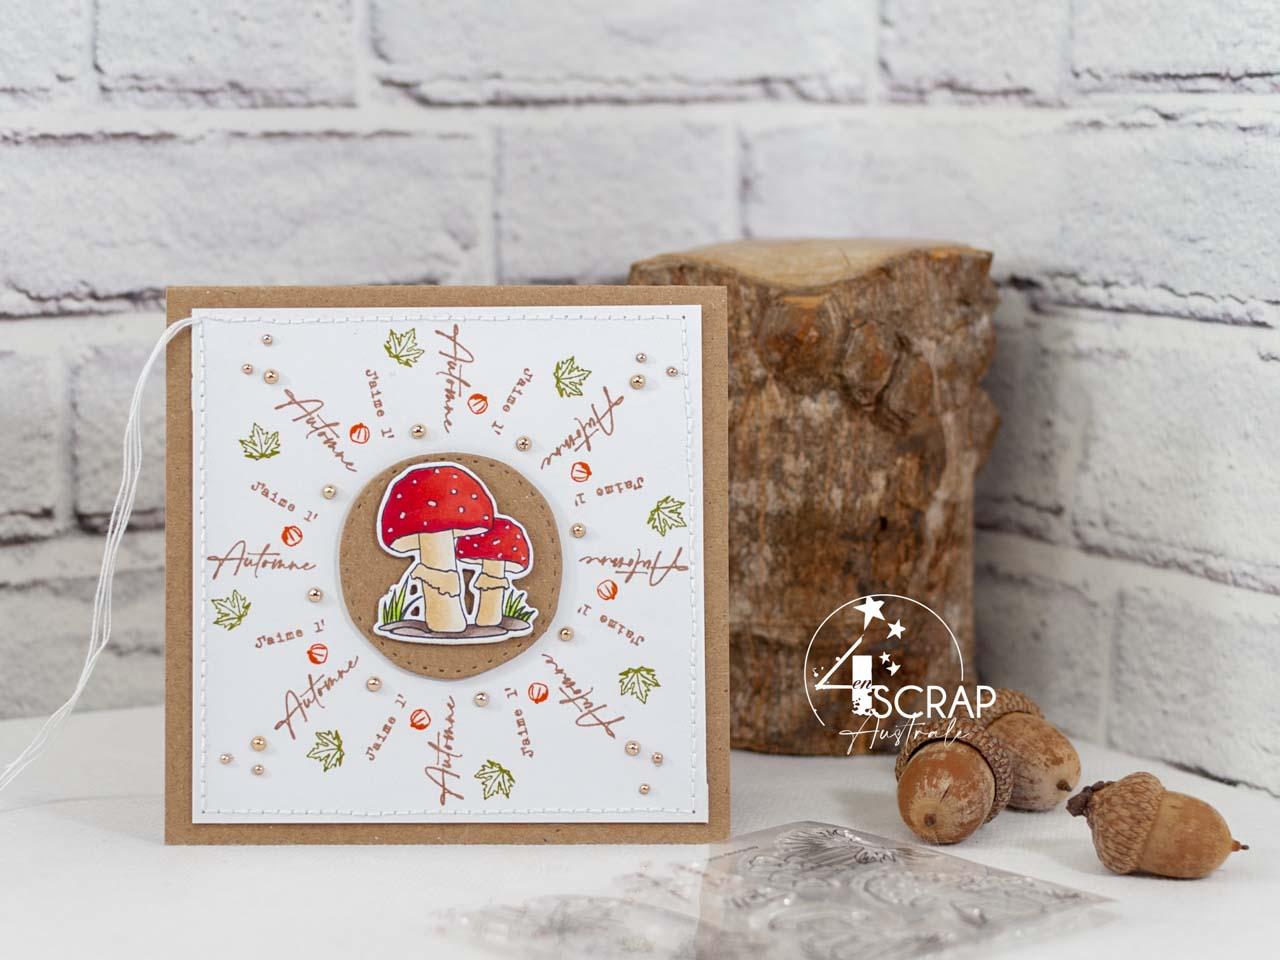 Création d'une carte d'automne avec couronne de mots, de feuilles et de potiron avec au centre un joli champignon rouge et kraft.